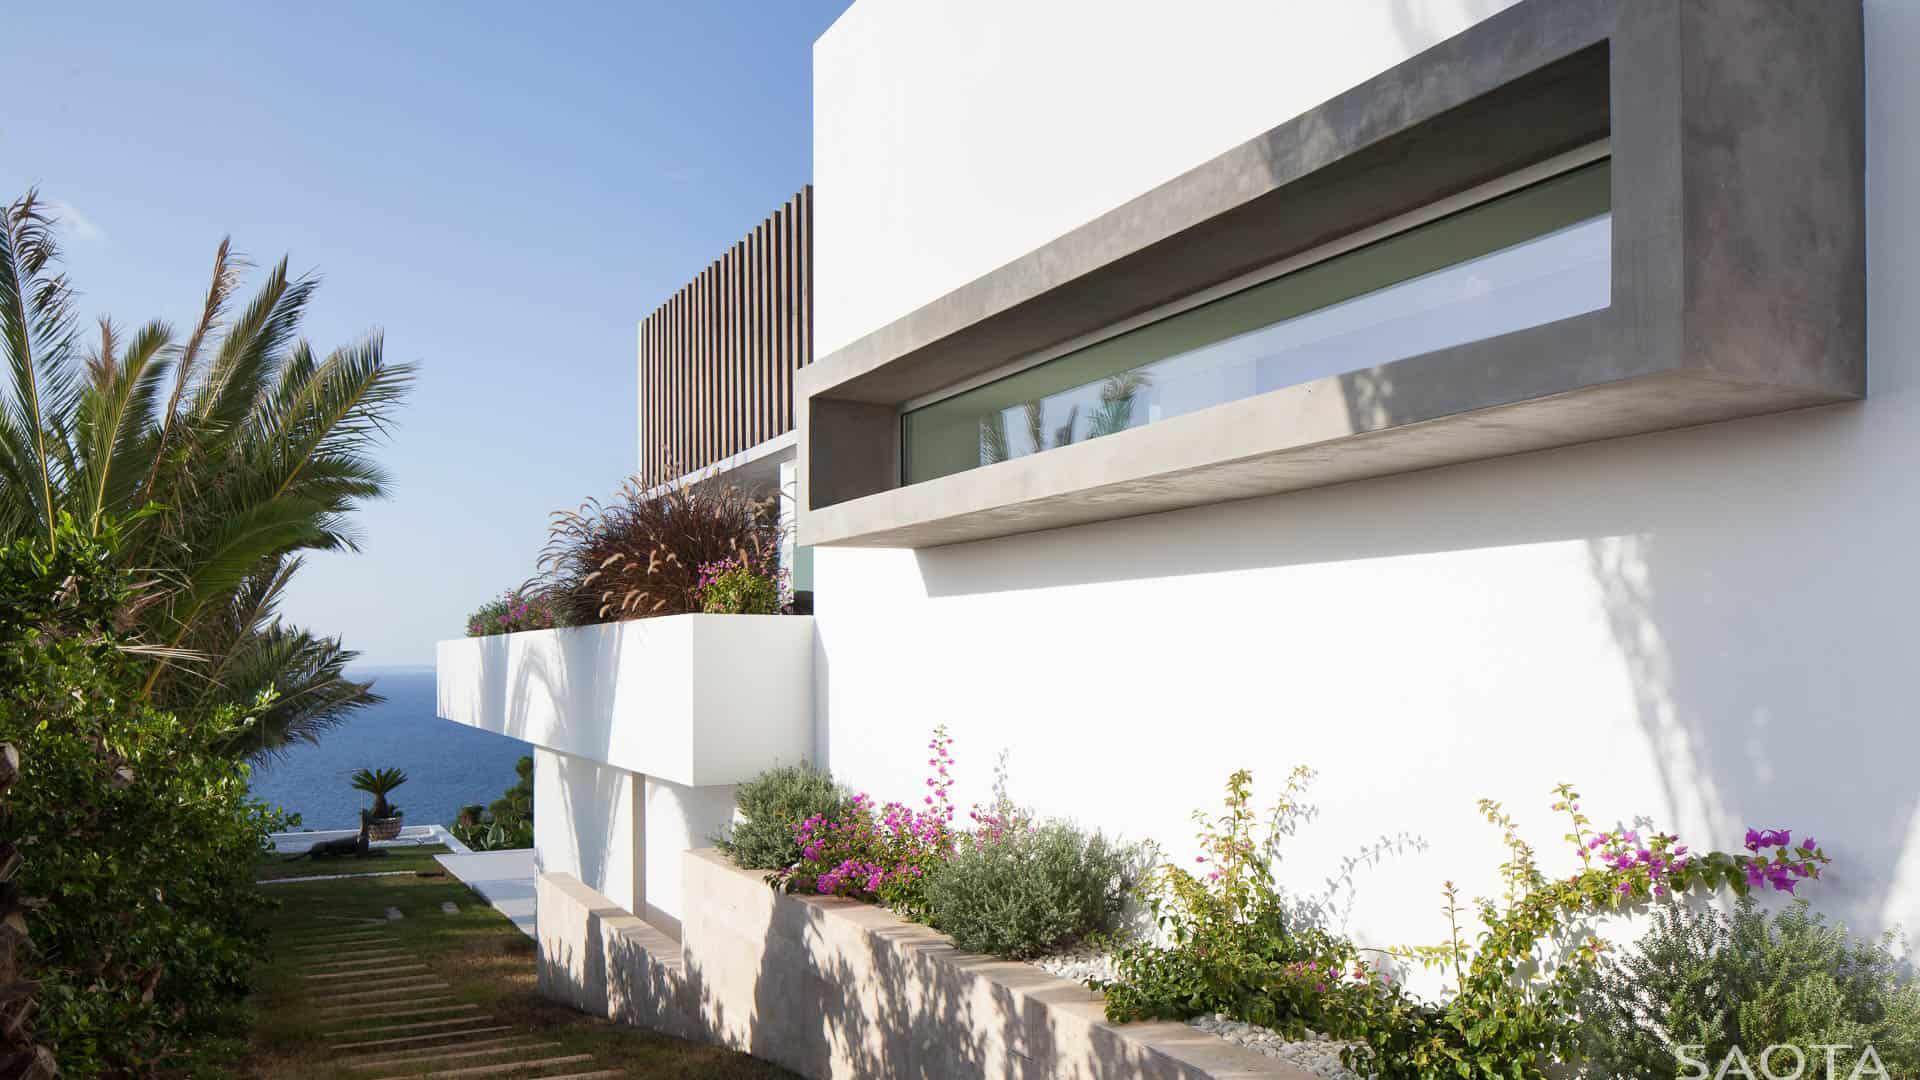 Modern Villa-Ibiza-SAOTA-04-1 Kindesign